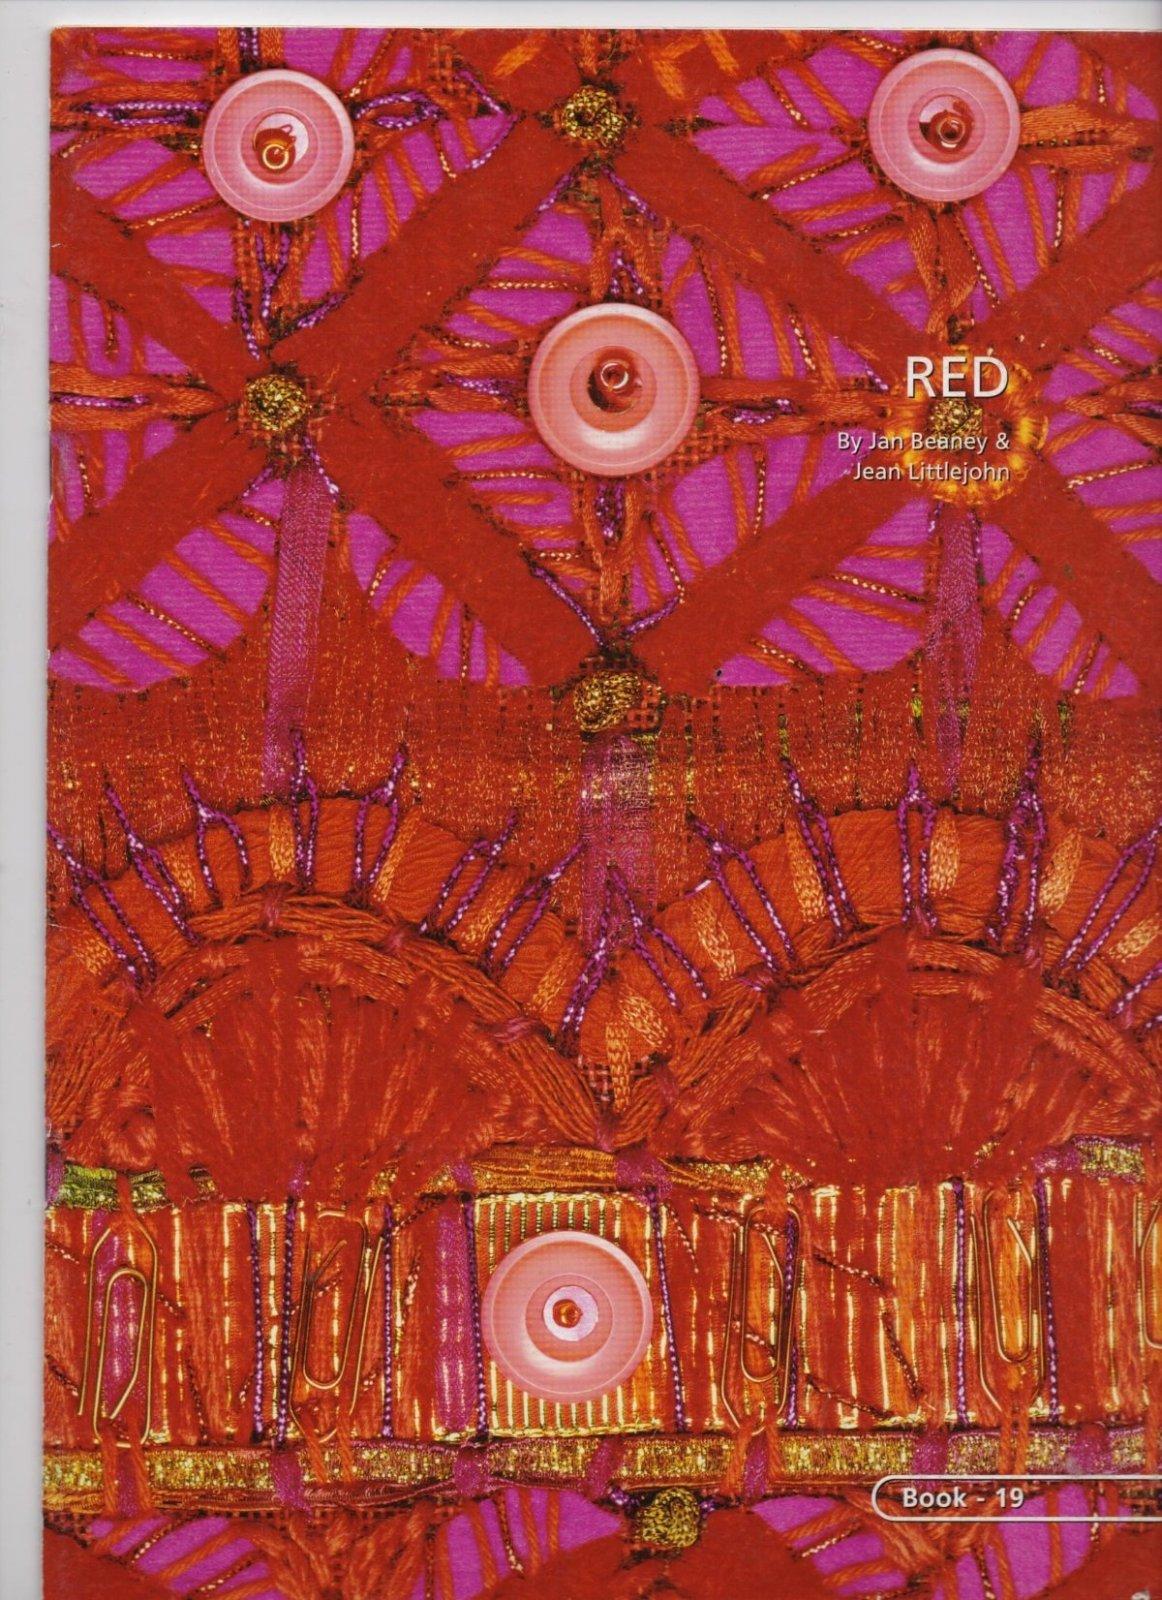 RED by Jan Beaney & Jean Littlejohn - Book 19